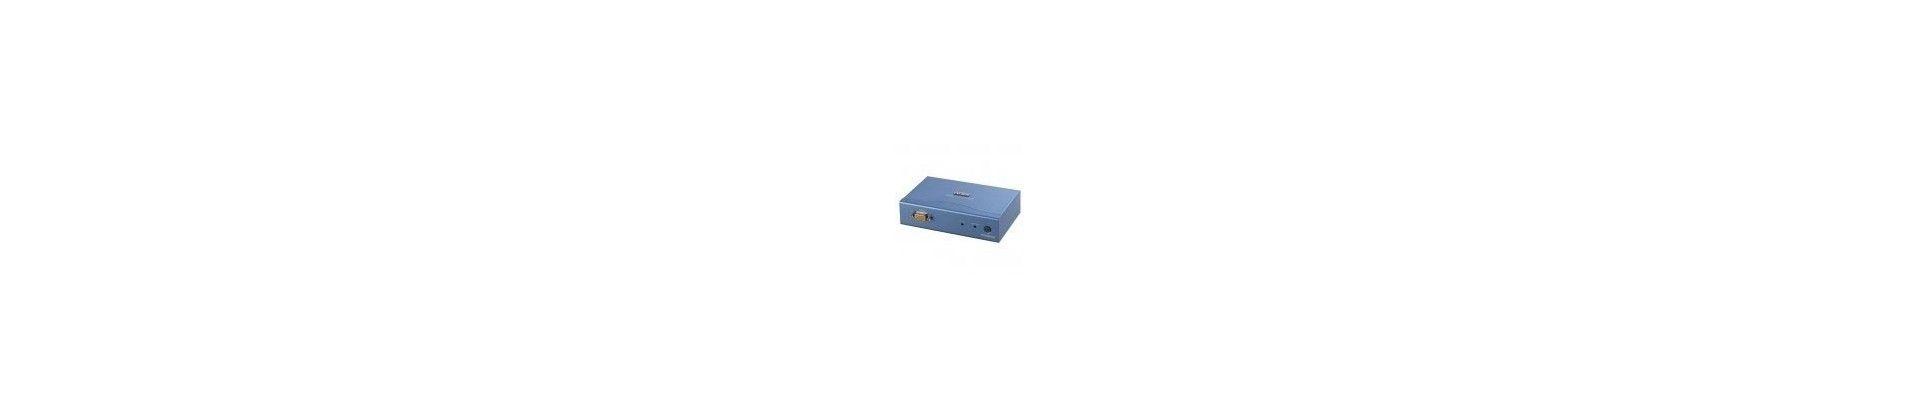 Extender PS/2 VGA